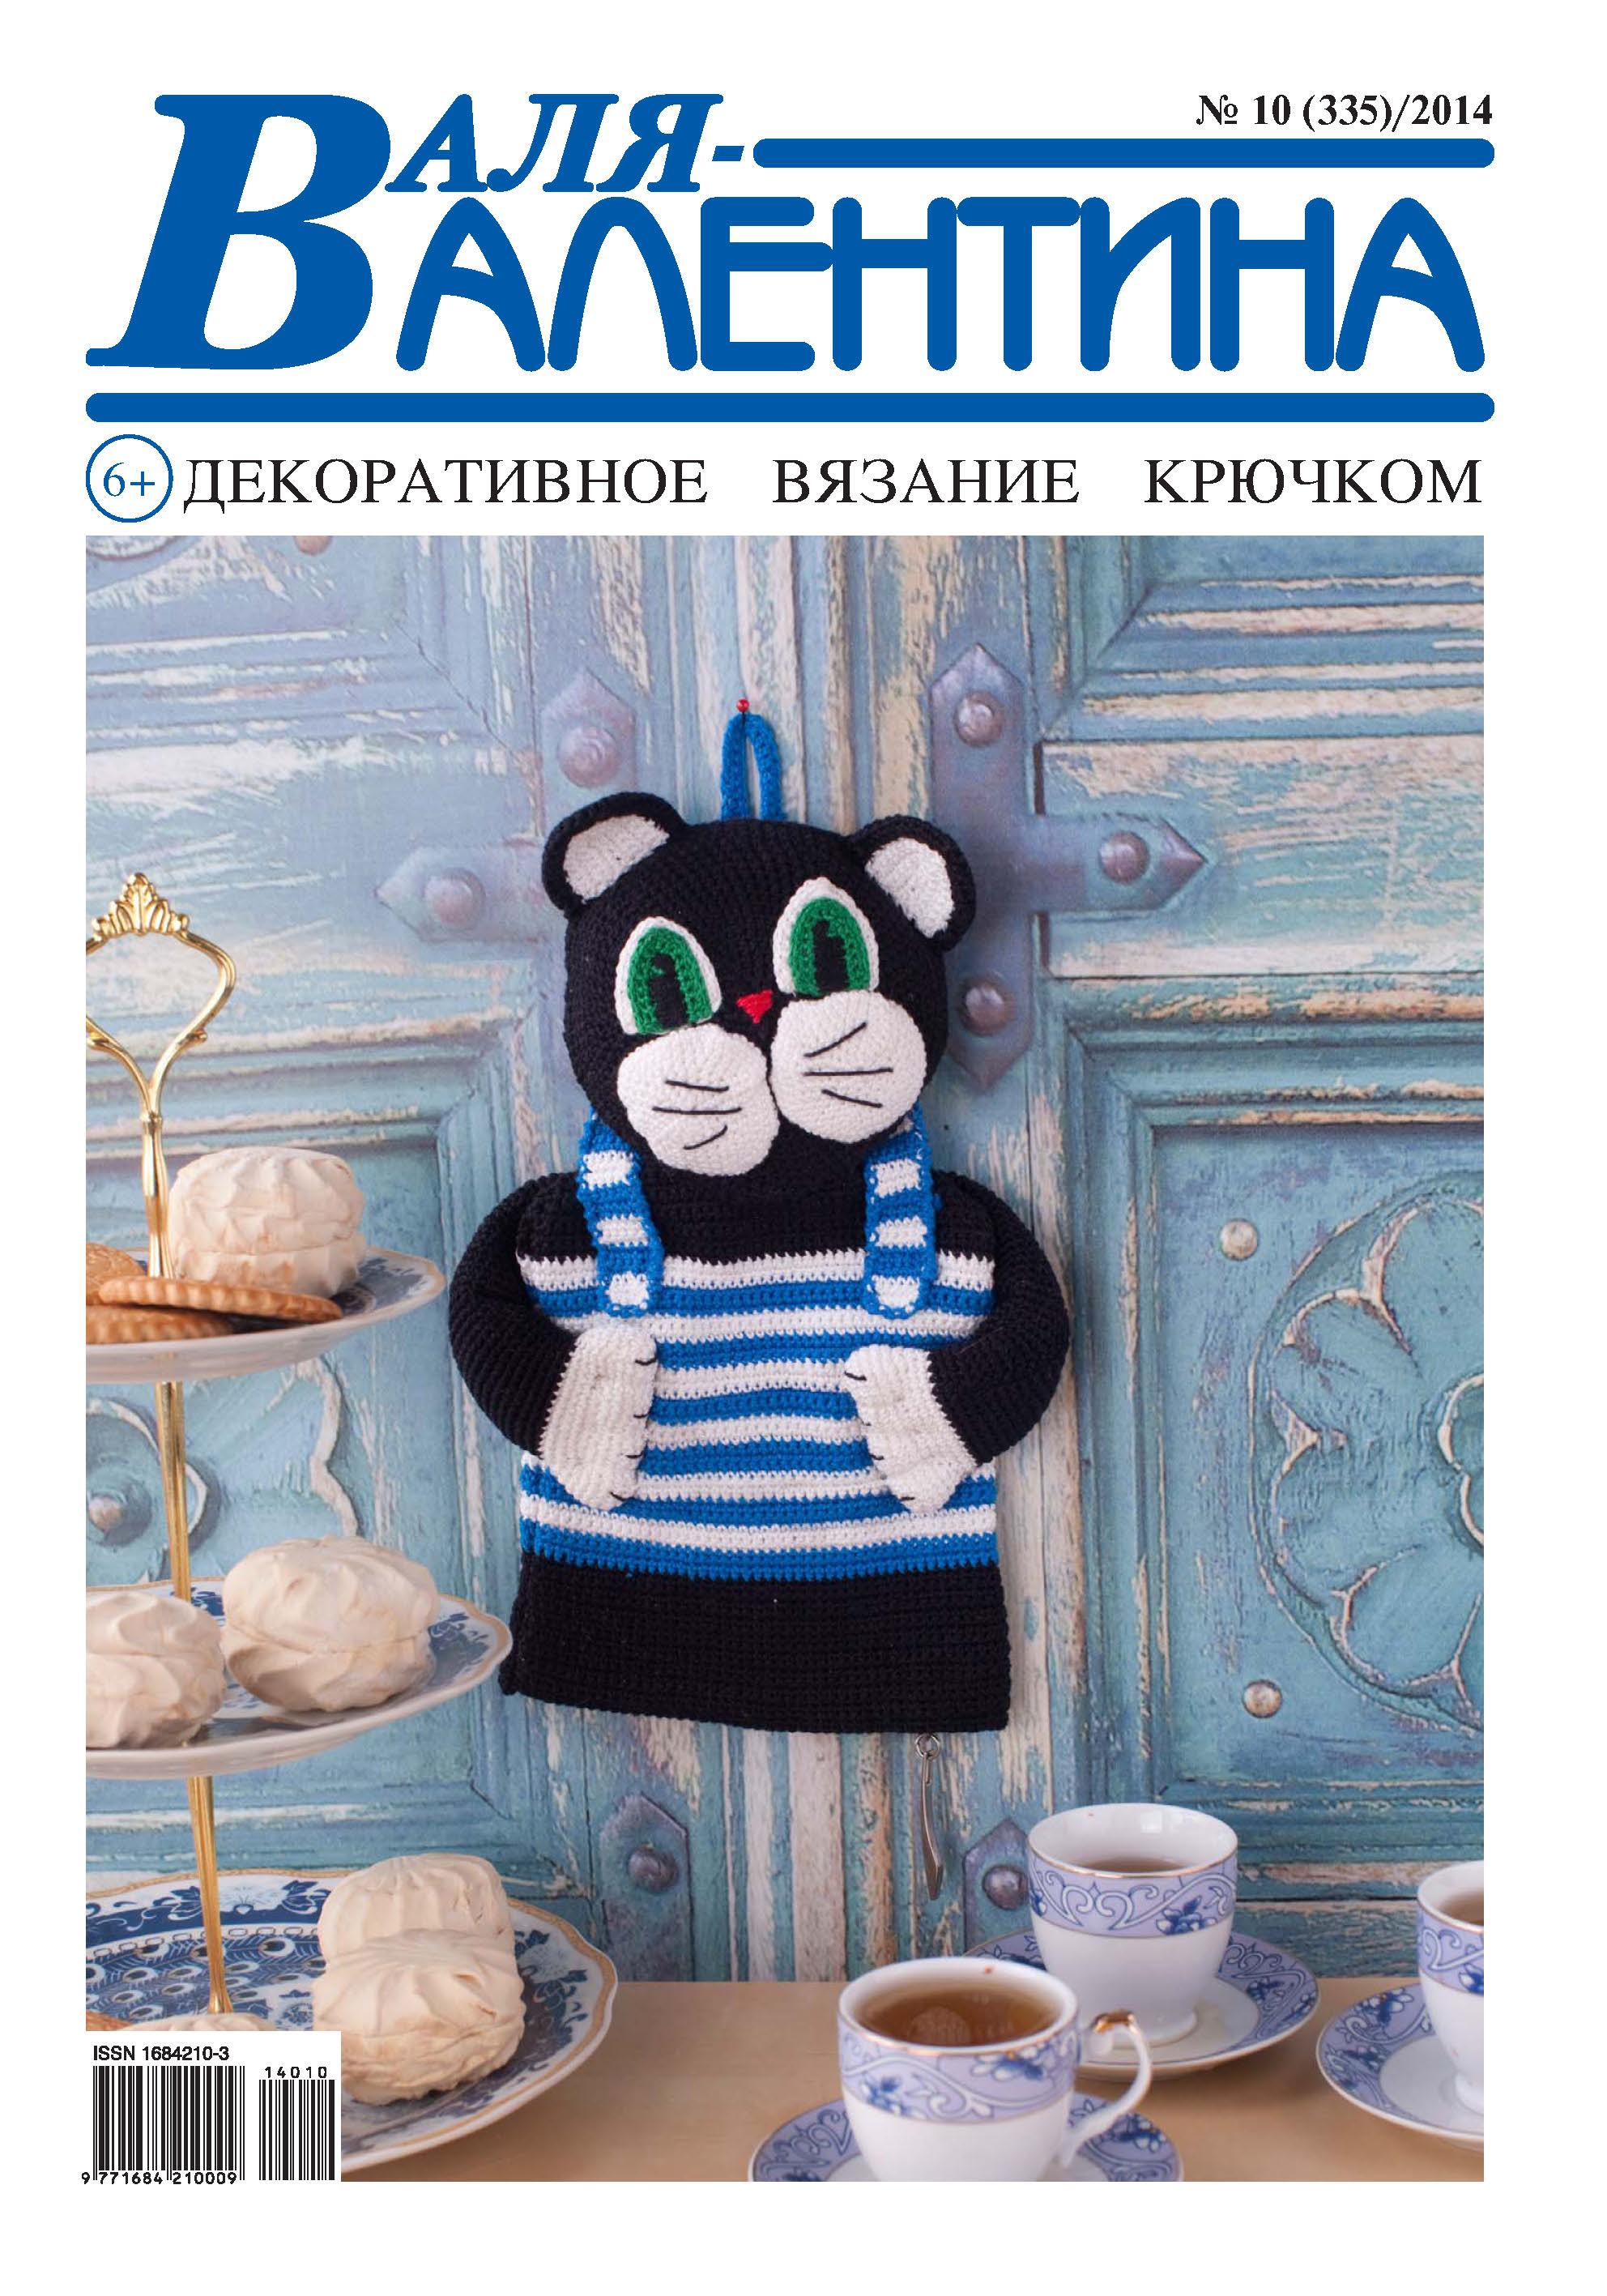 Валя-Валентина. Декоративное вязание крючком. №10/2014